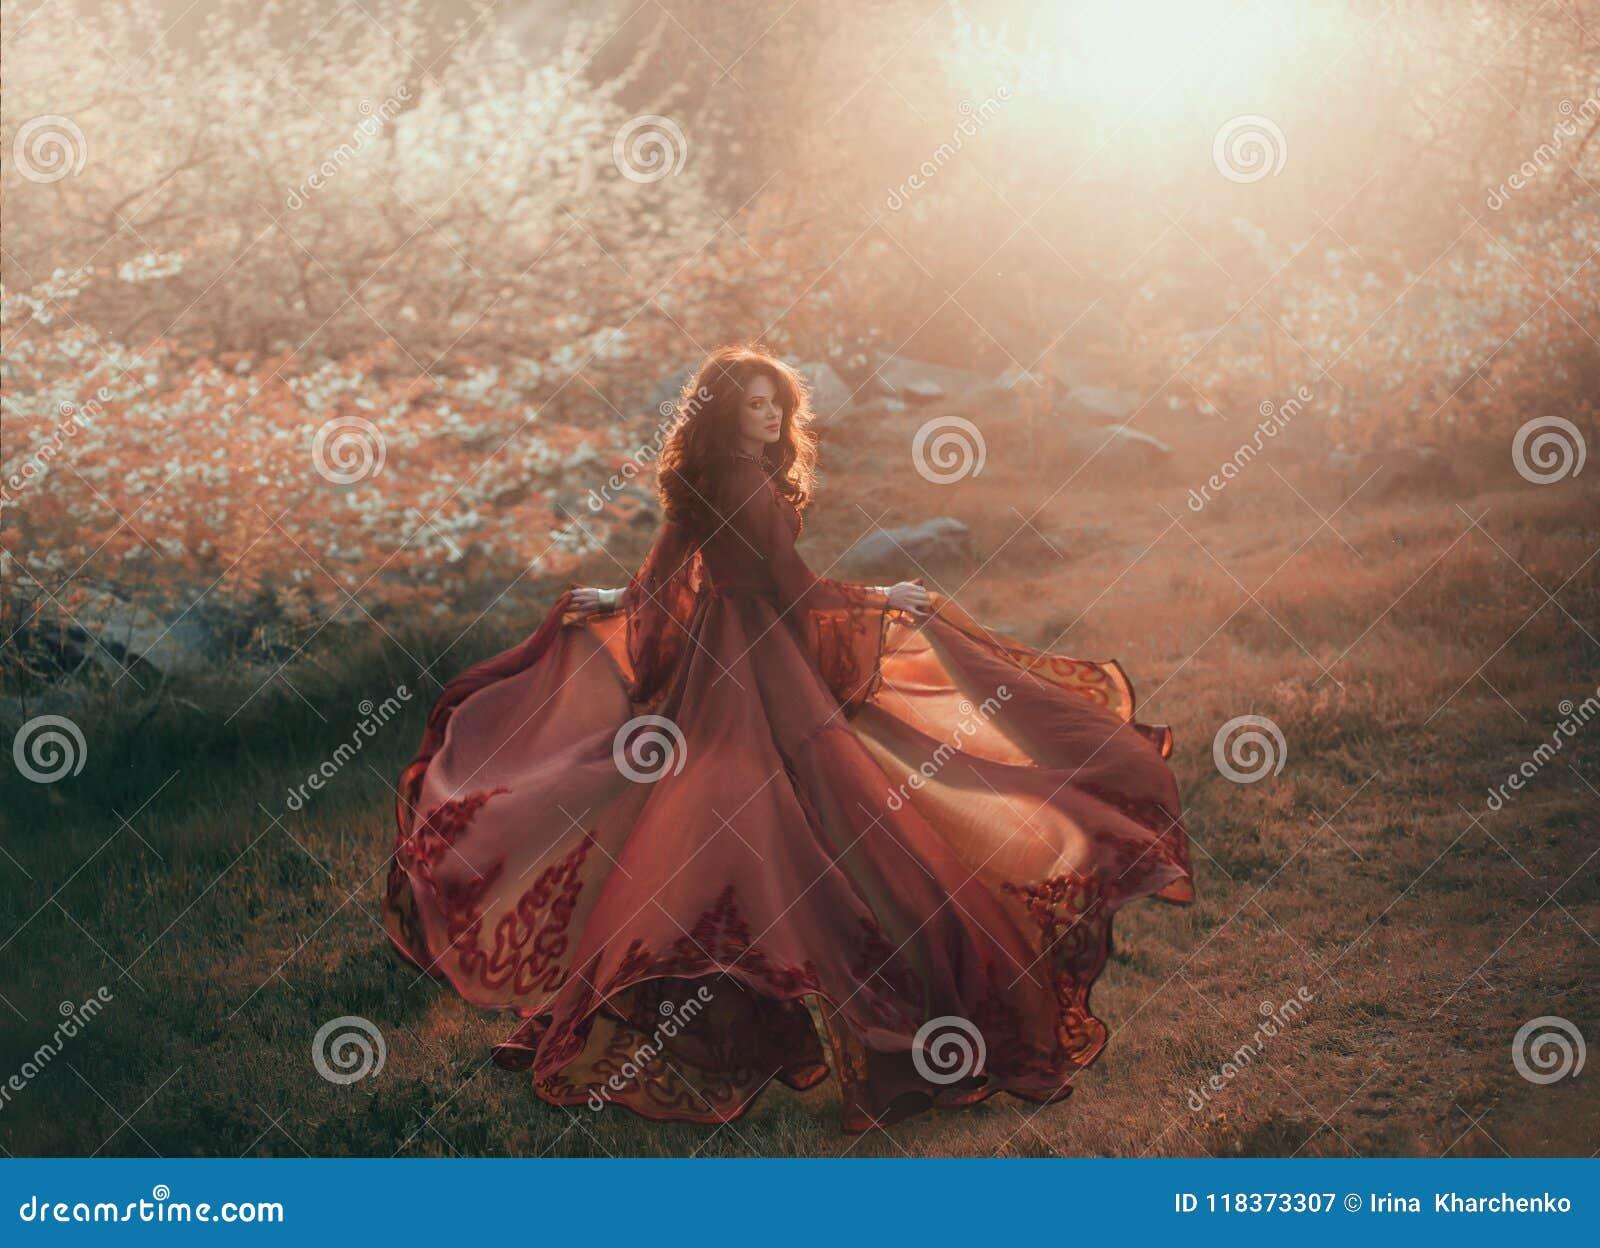 En brunettflicka med krabbt tjockt hår kör till solen och ser tillbaka Prinsessan har ett lyxigt, chiffong, röd klänning